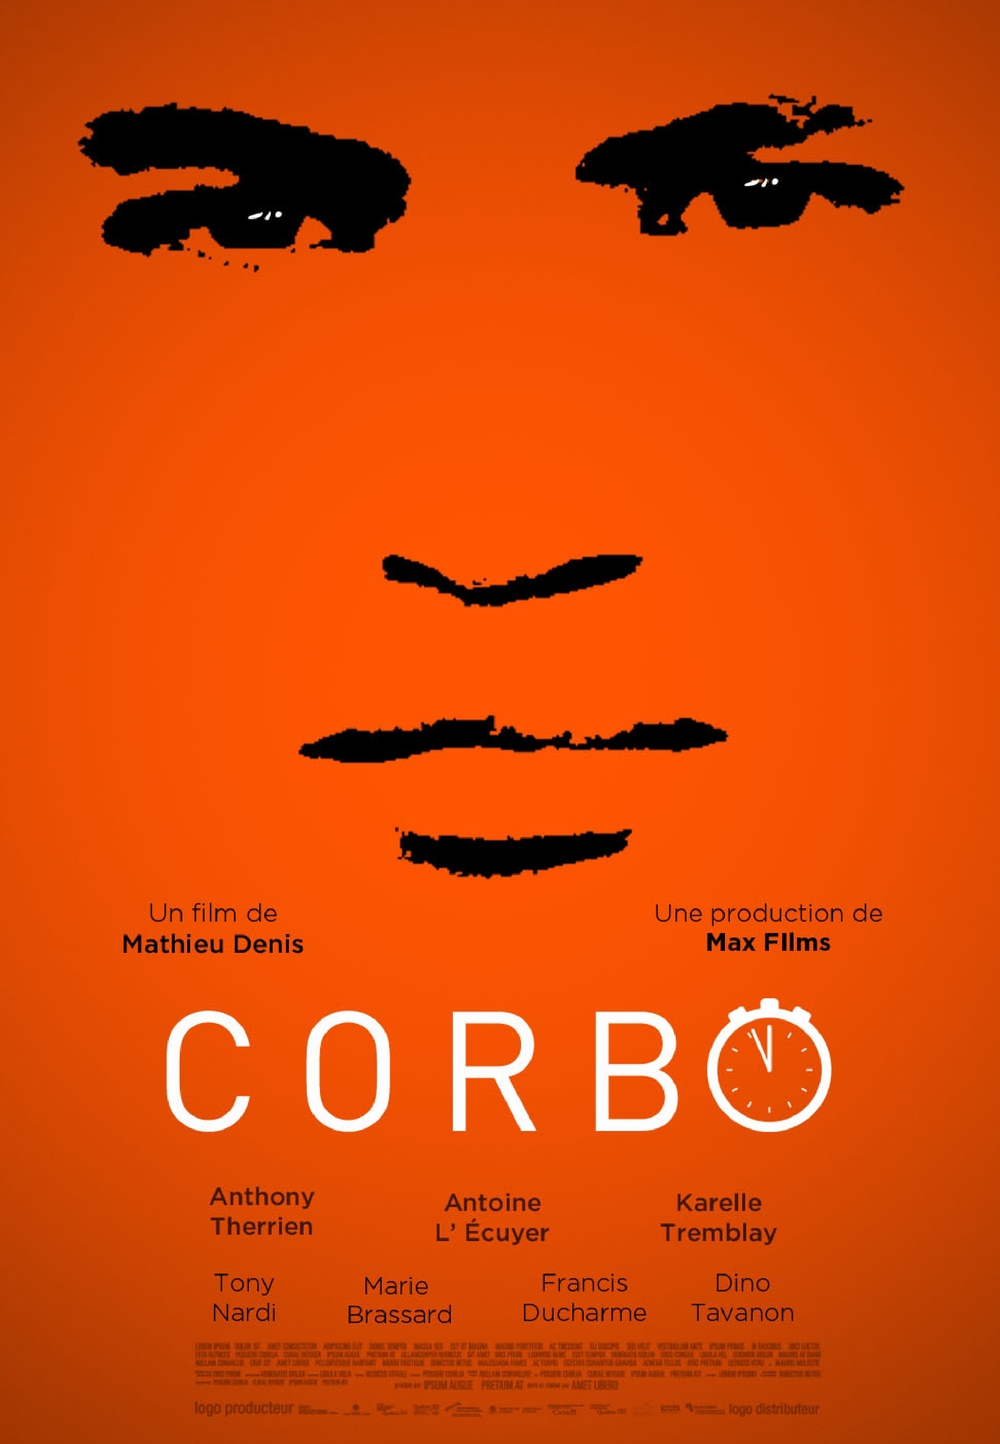 CORBO-Poster-RENZO-27oct_00006.jpg